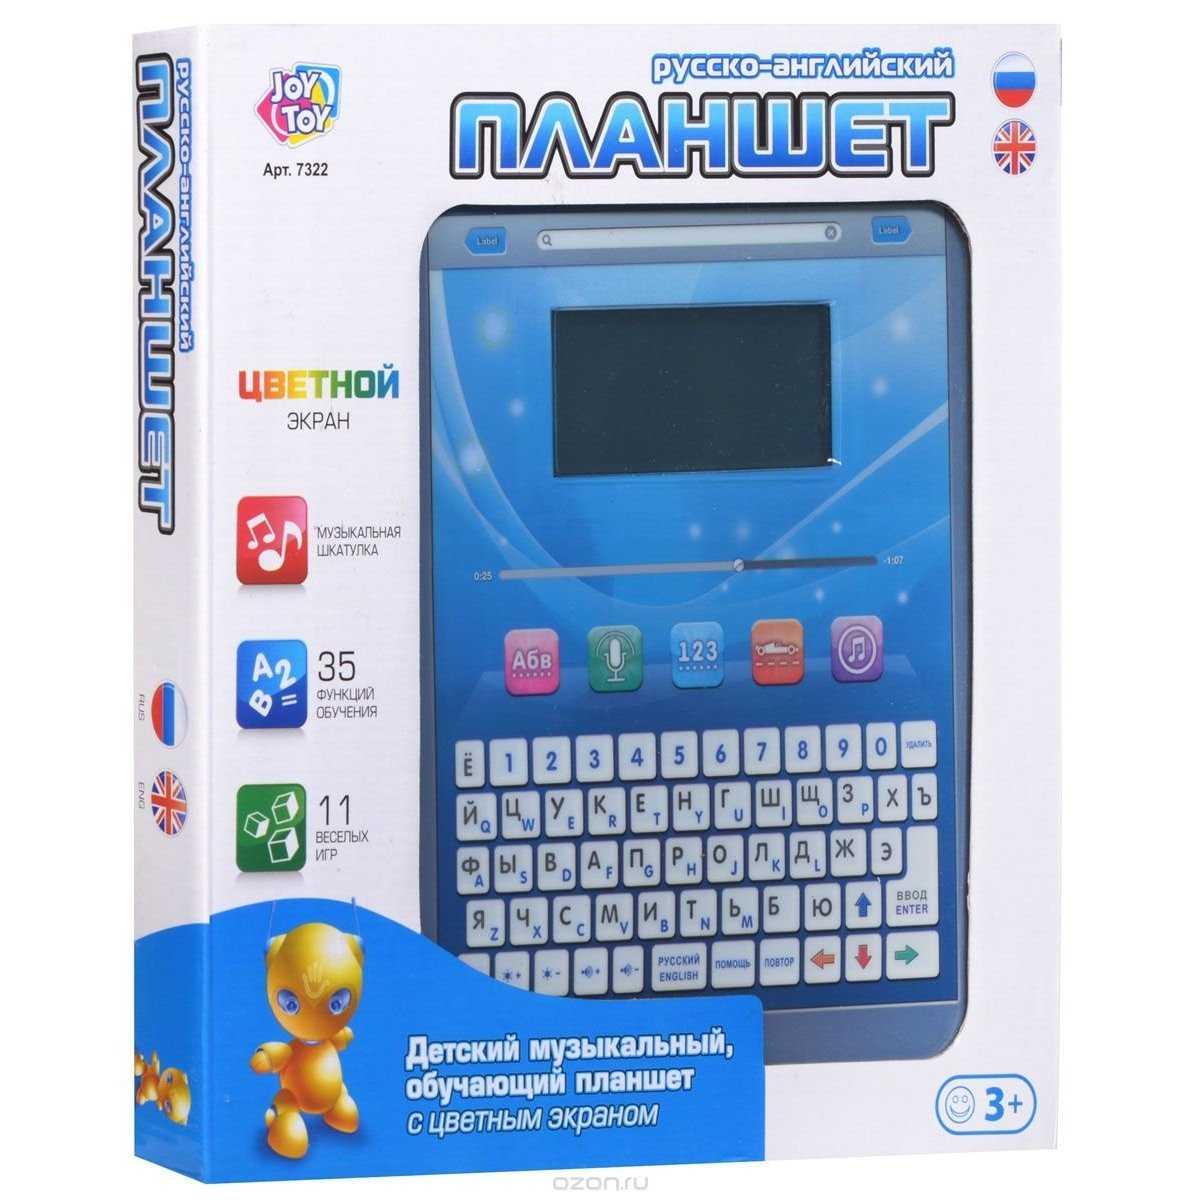 Нужен ли планшет дошкольнику и топ 5 лучших моделей ❗️☘️ ( ͡ʘ ͜ʖ ͡ʘ)